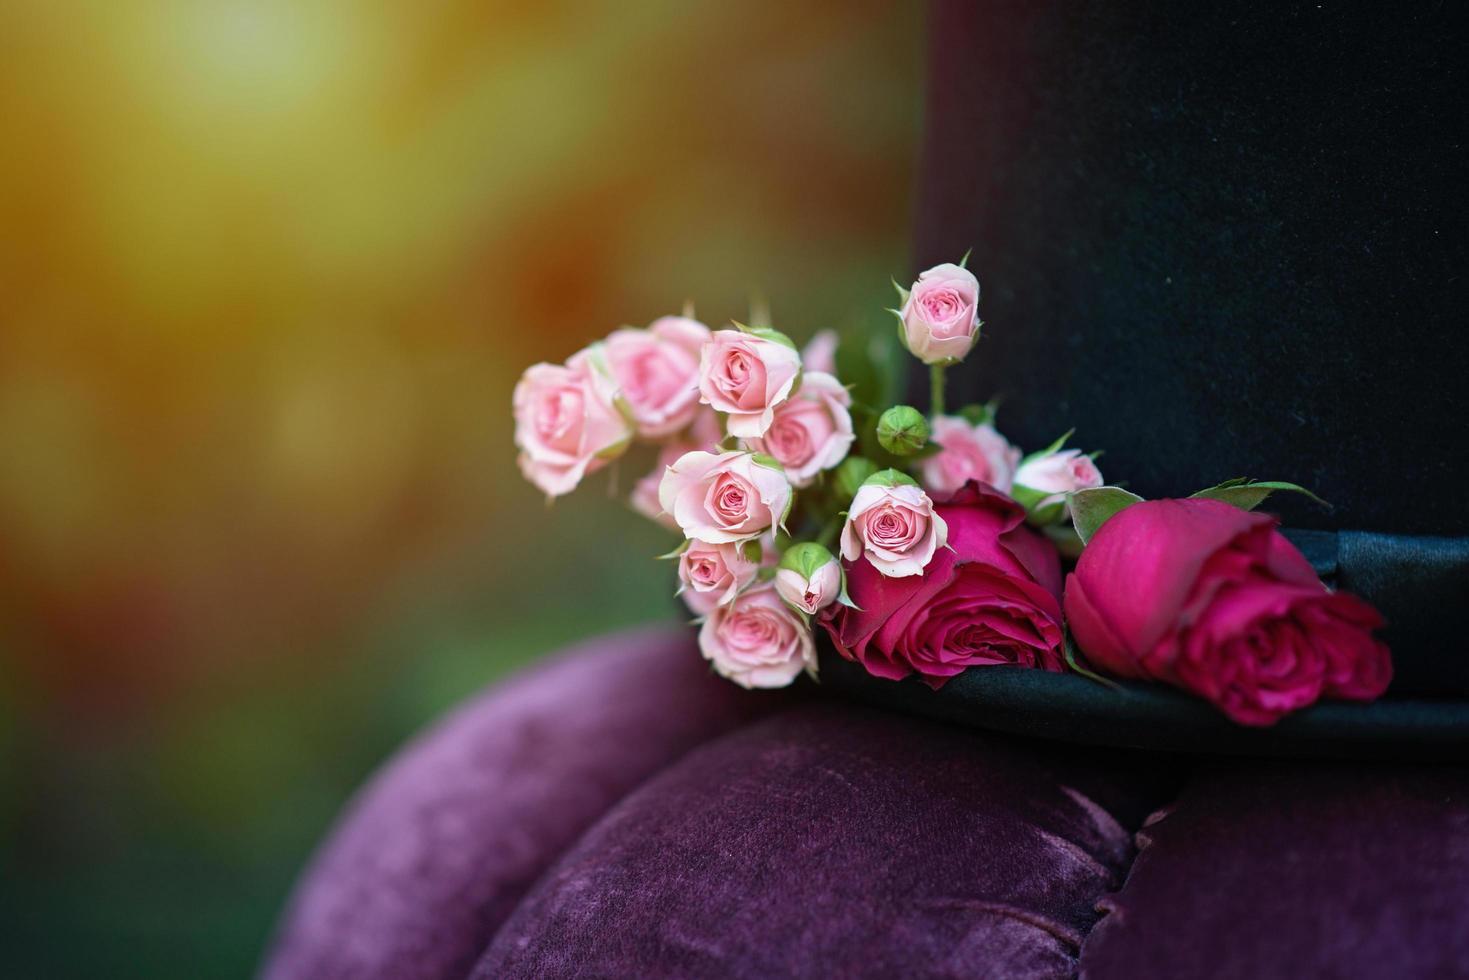 Alicia en el país de las Maravillas. sombrero cilíndrico decorado con flores rosas. de cerca. enfoque selectivo suave. foto